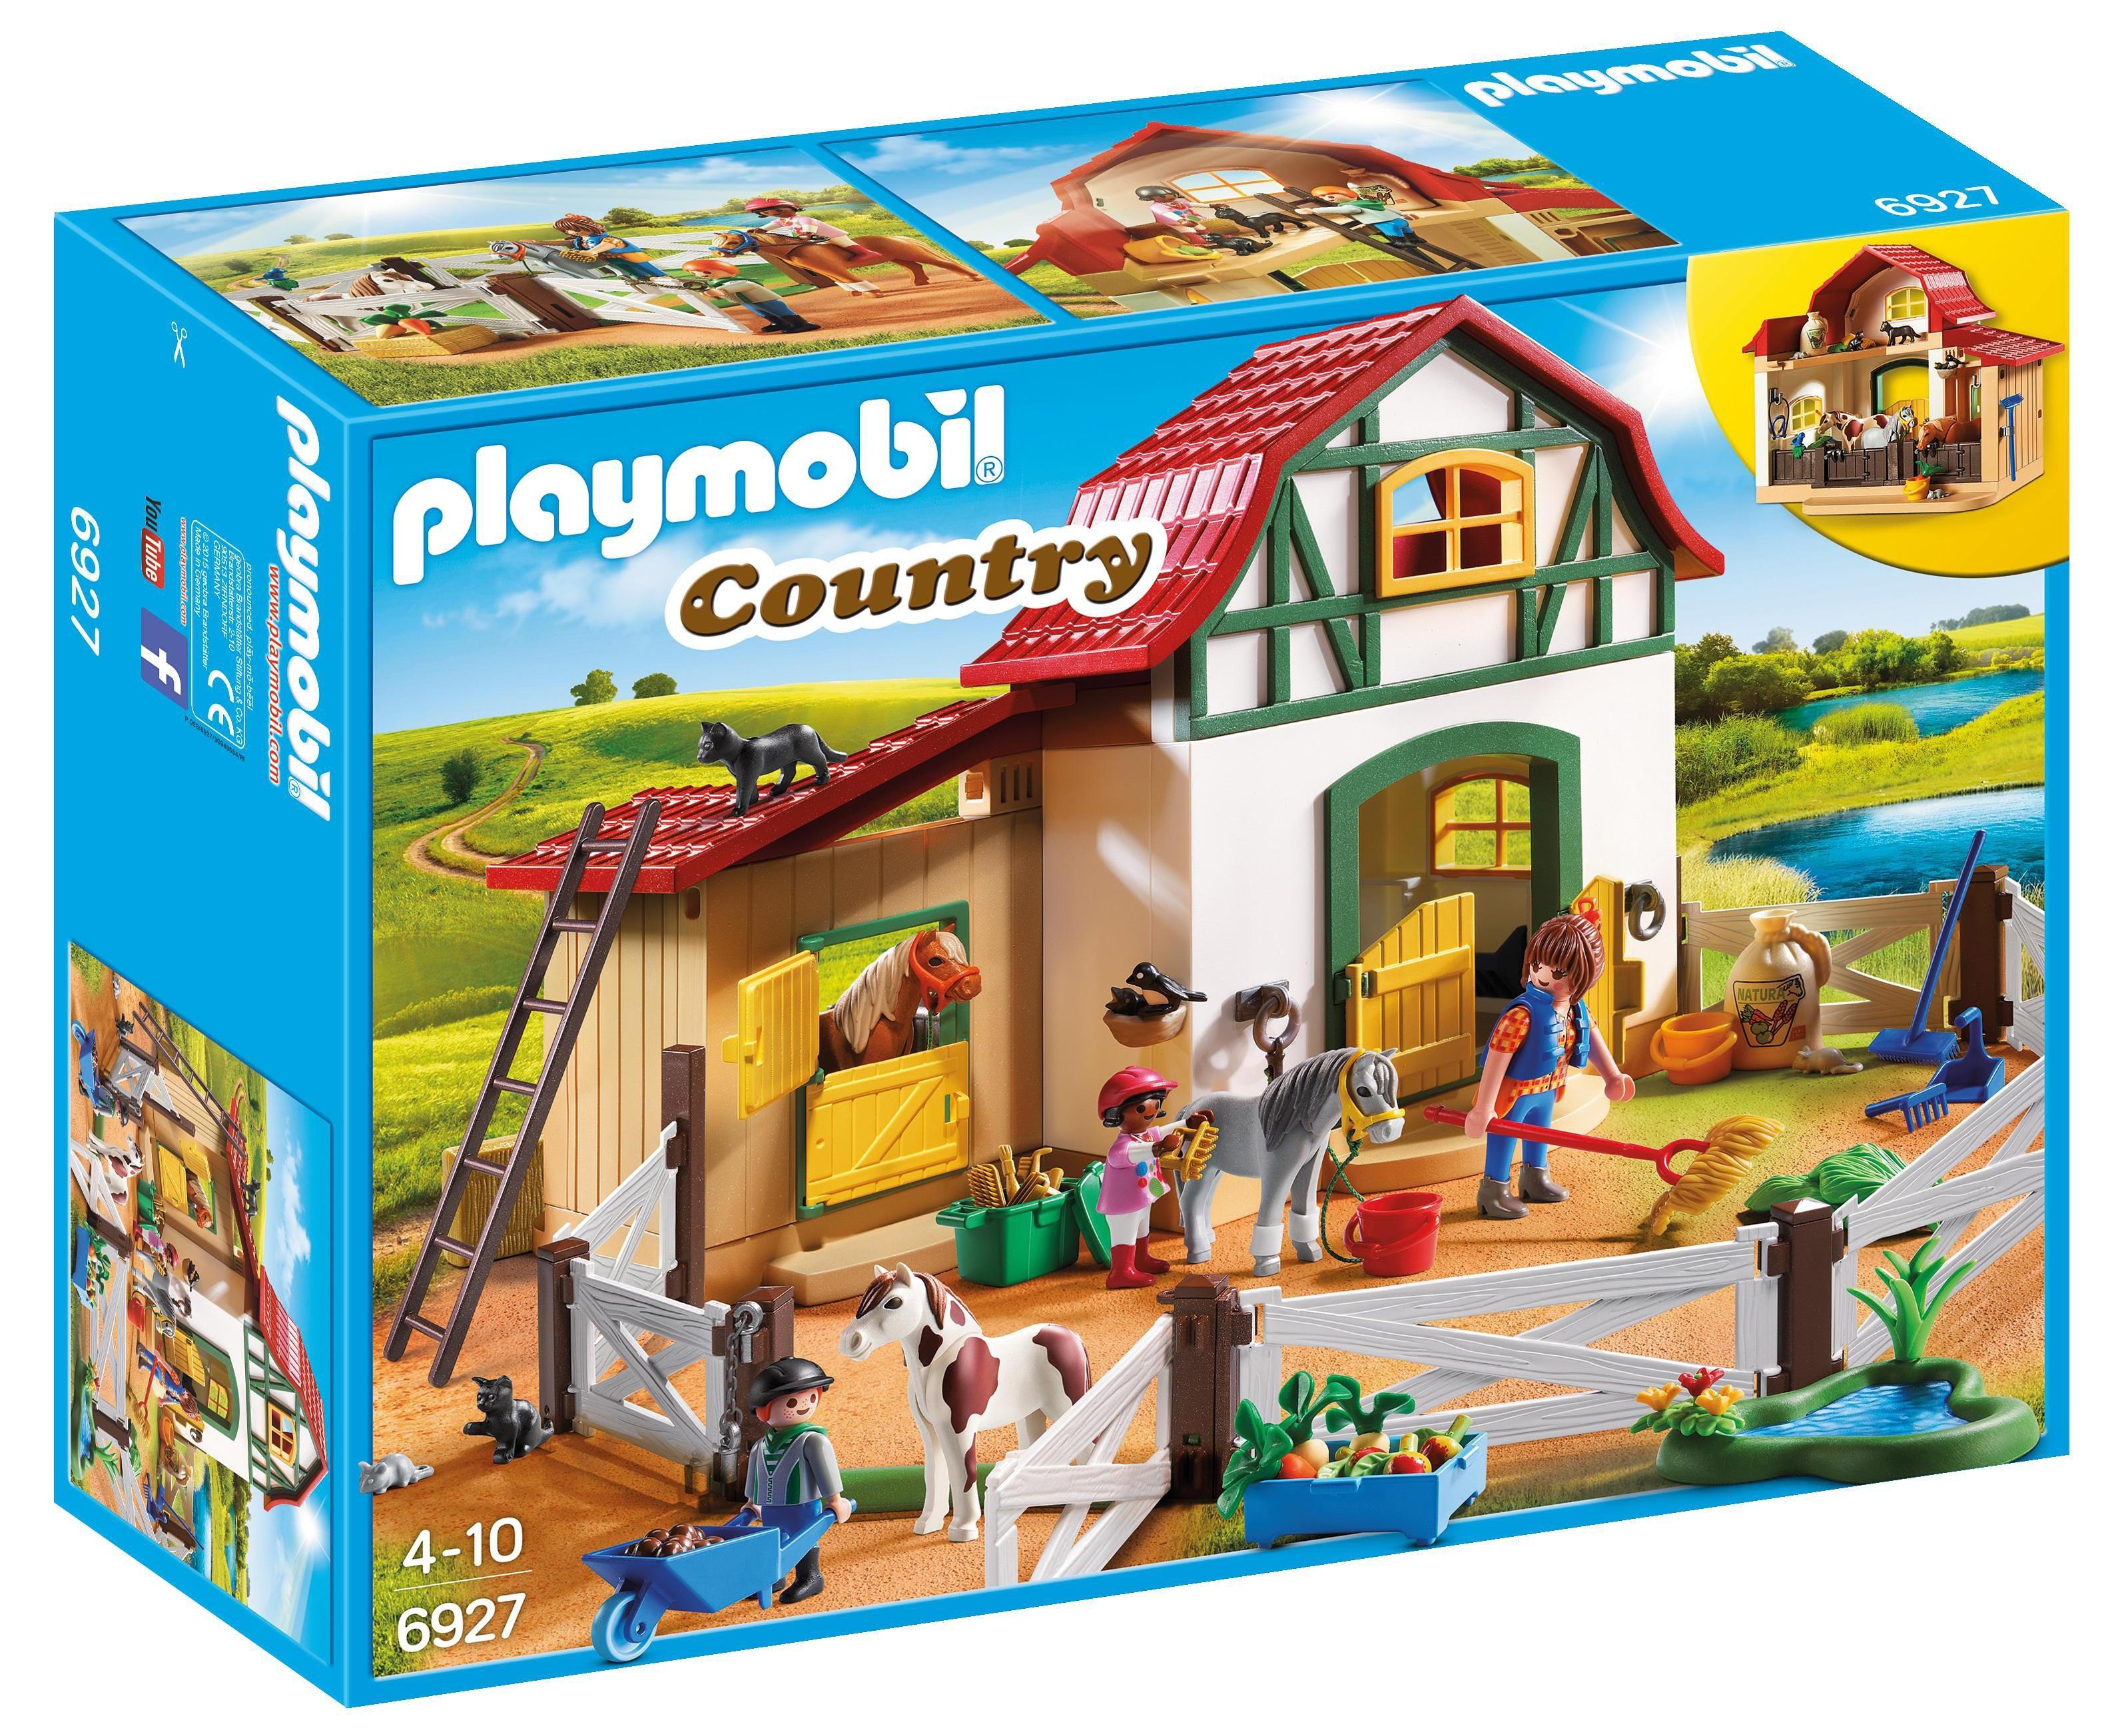 vrijetijdsschoenen winkel bestsellers goedkoop kopen Online Playmobil kopen | OTTO